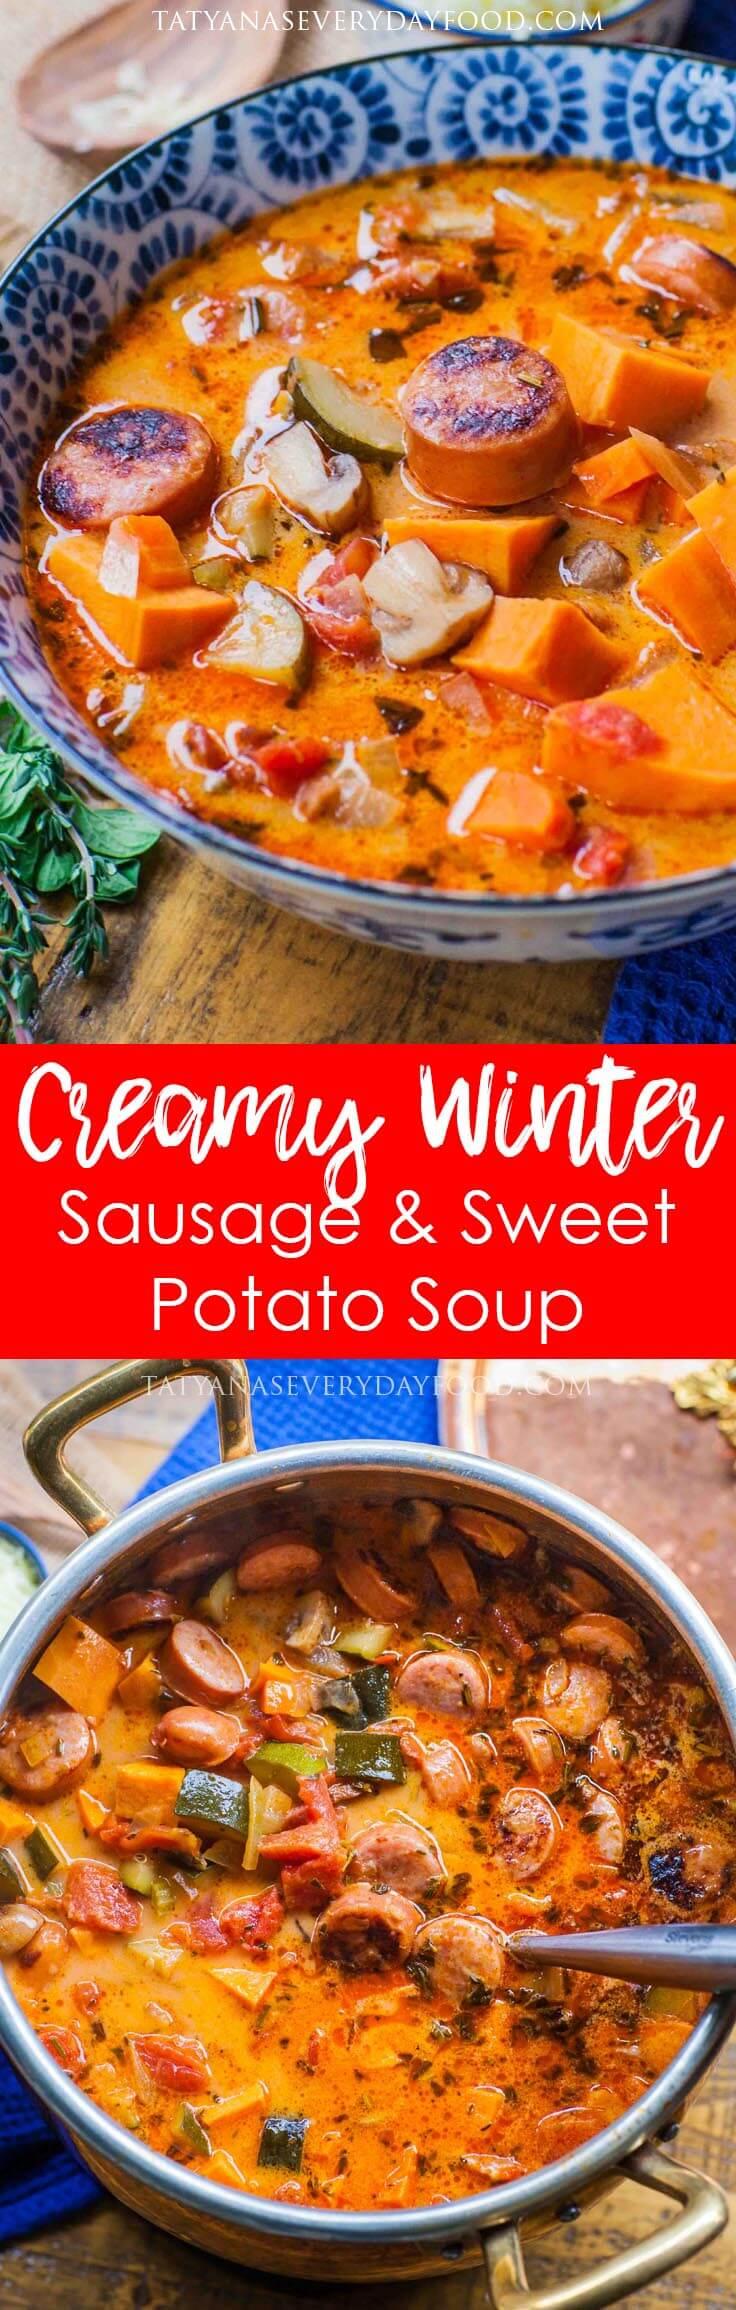 Creamy Sausage & Sweet Potato Soup recipe